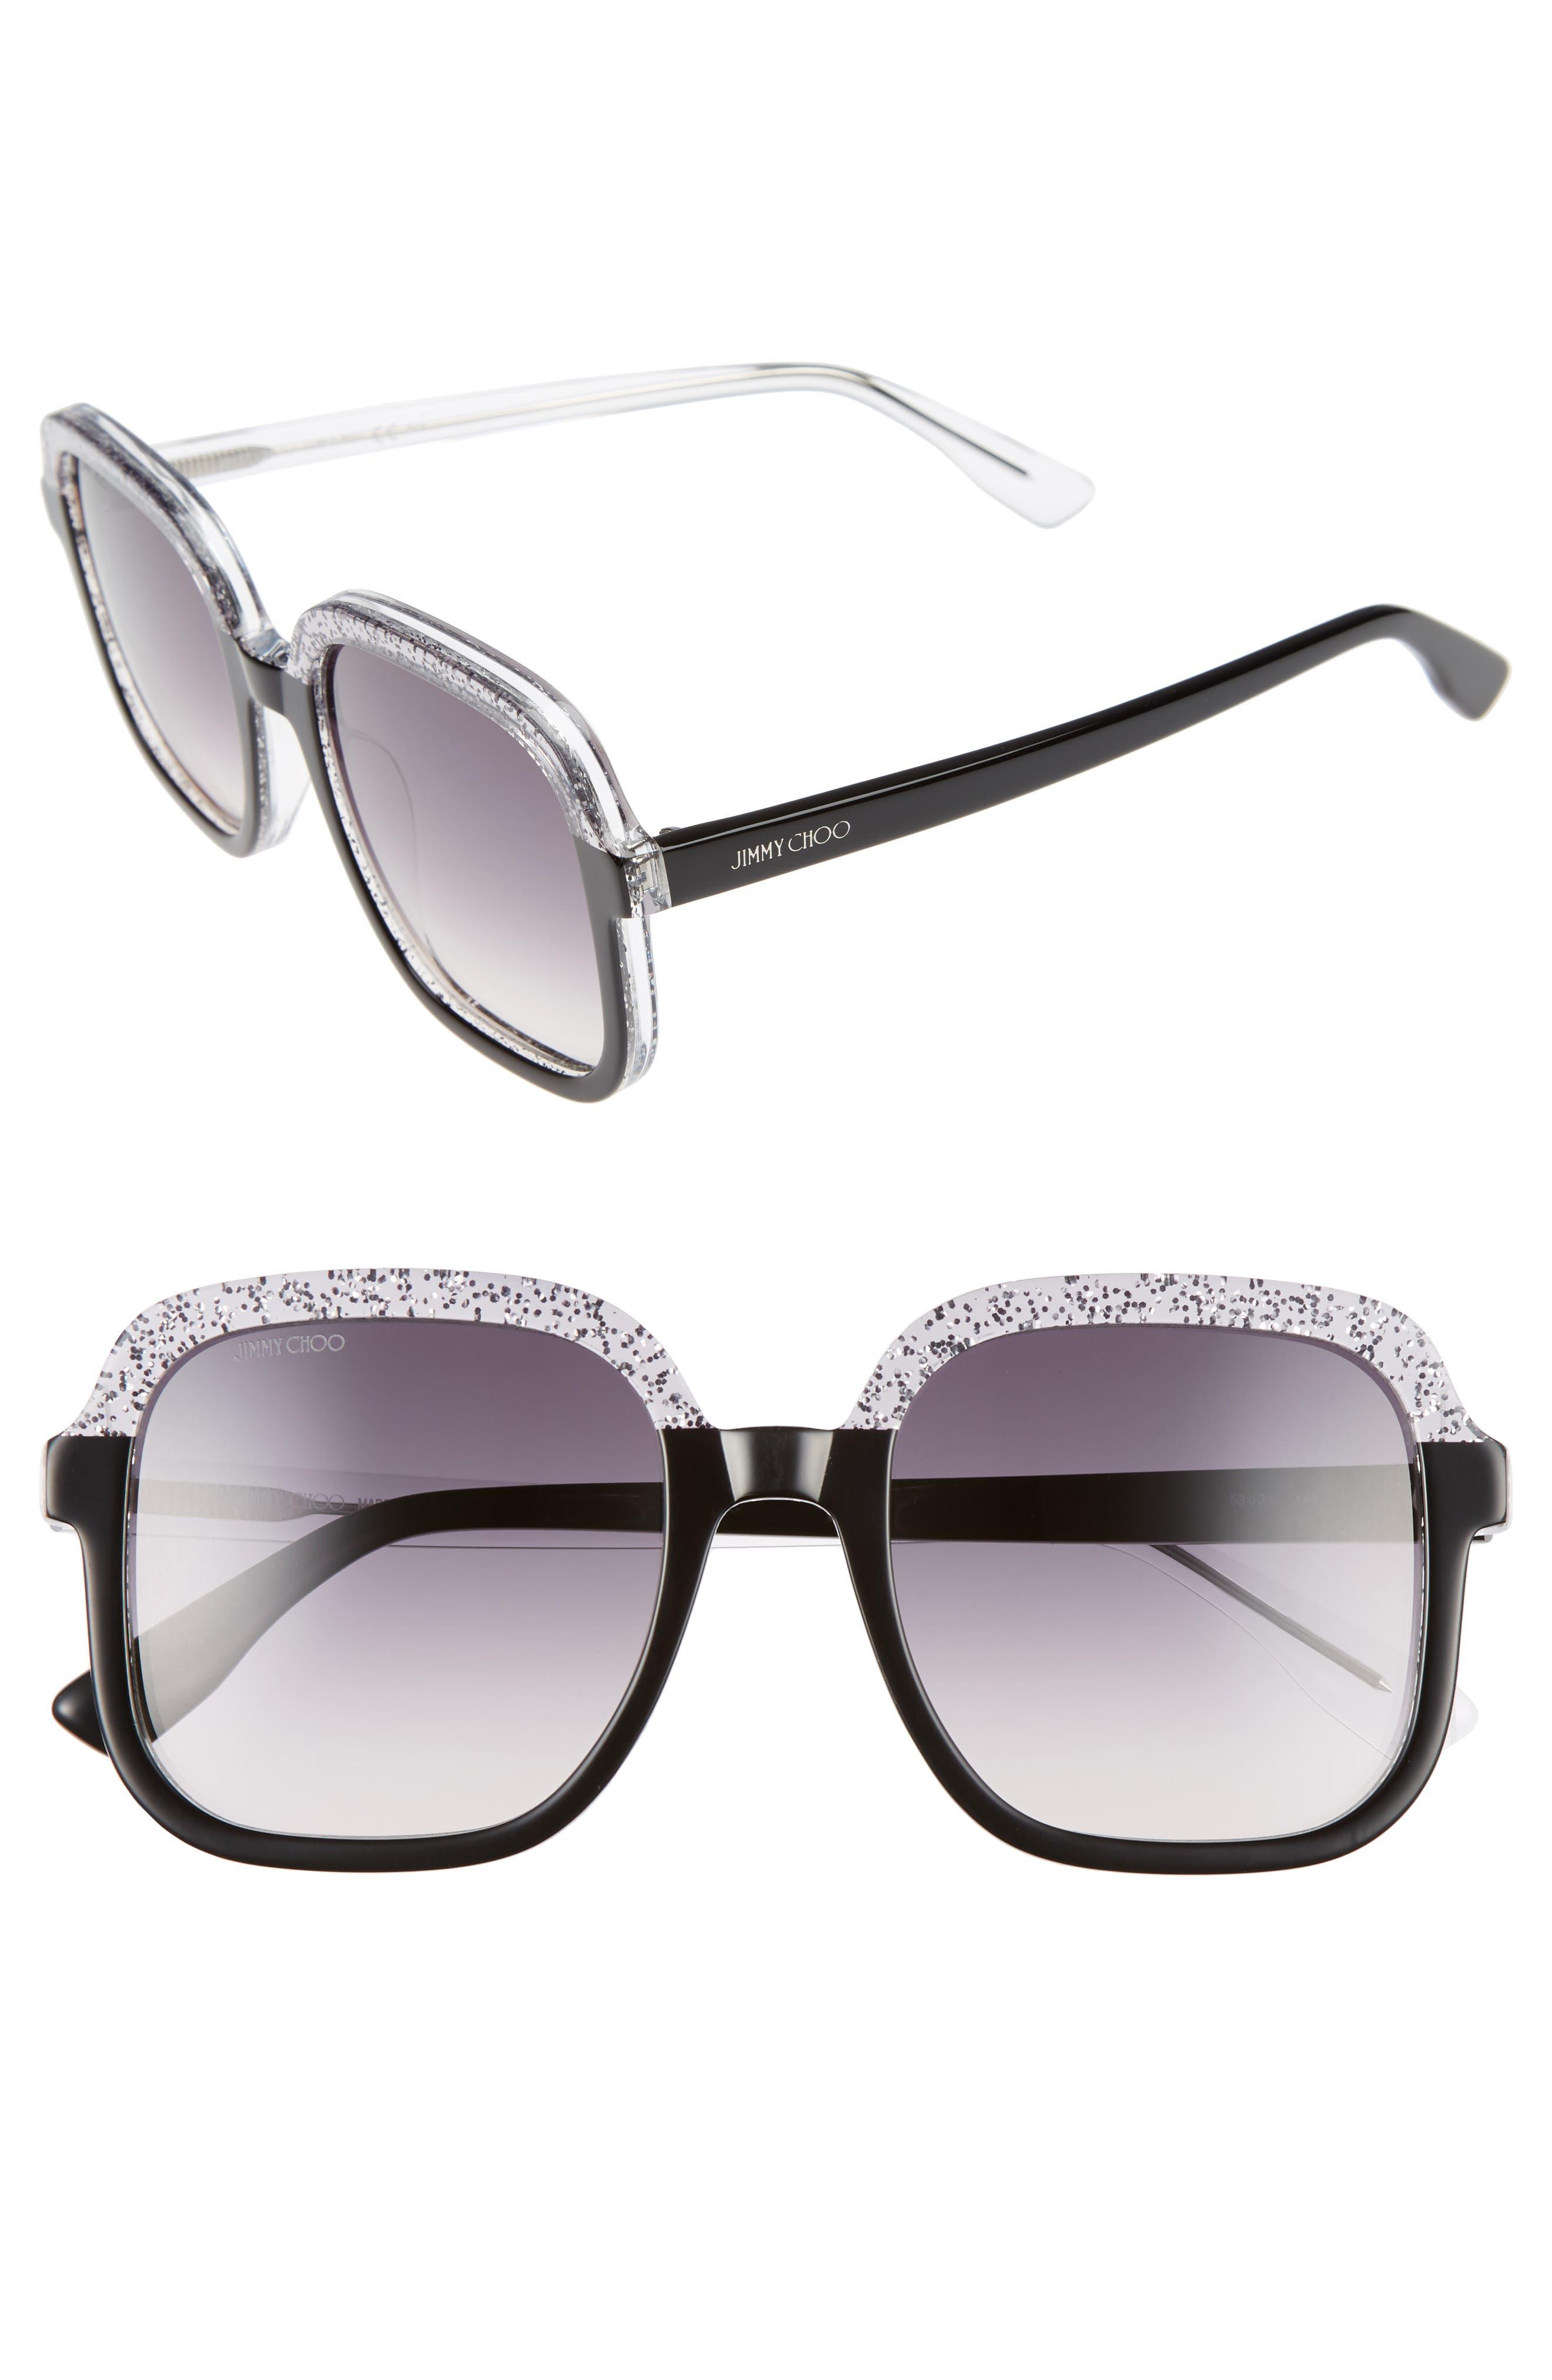 53mm Glitter Frame Sunglasses,                             Alternate thumbnail 2, color,                             001